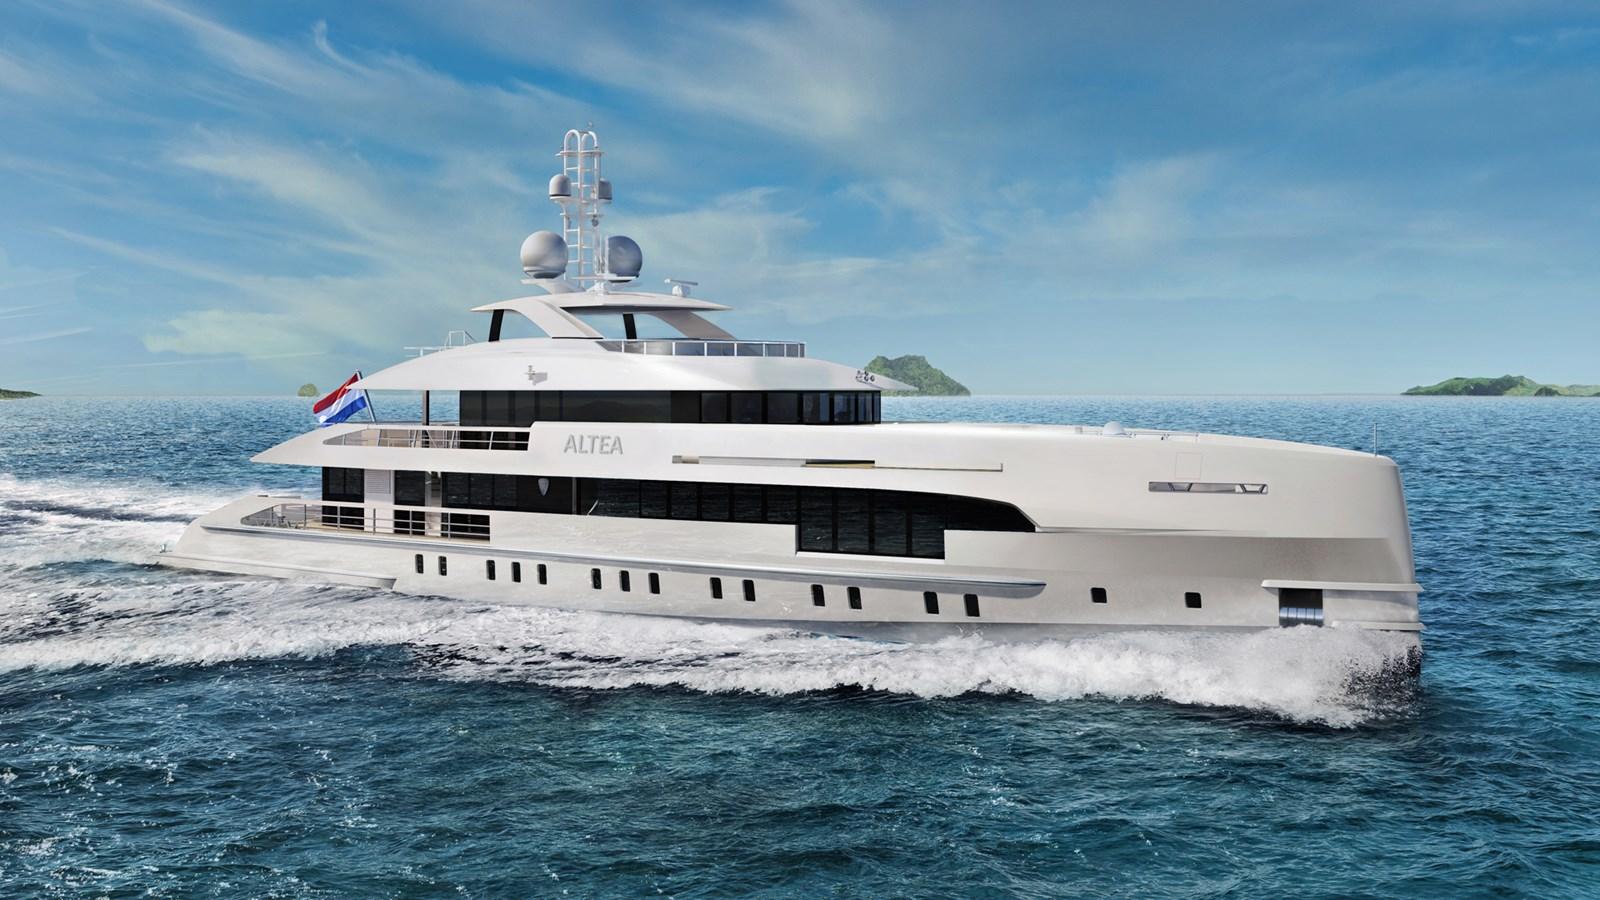 Heesen 5000 Aluminium FDHF YN19550 Project Altea yacht for sale